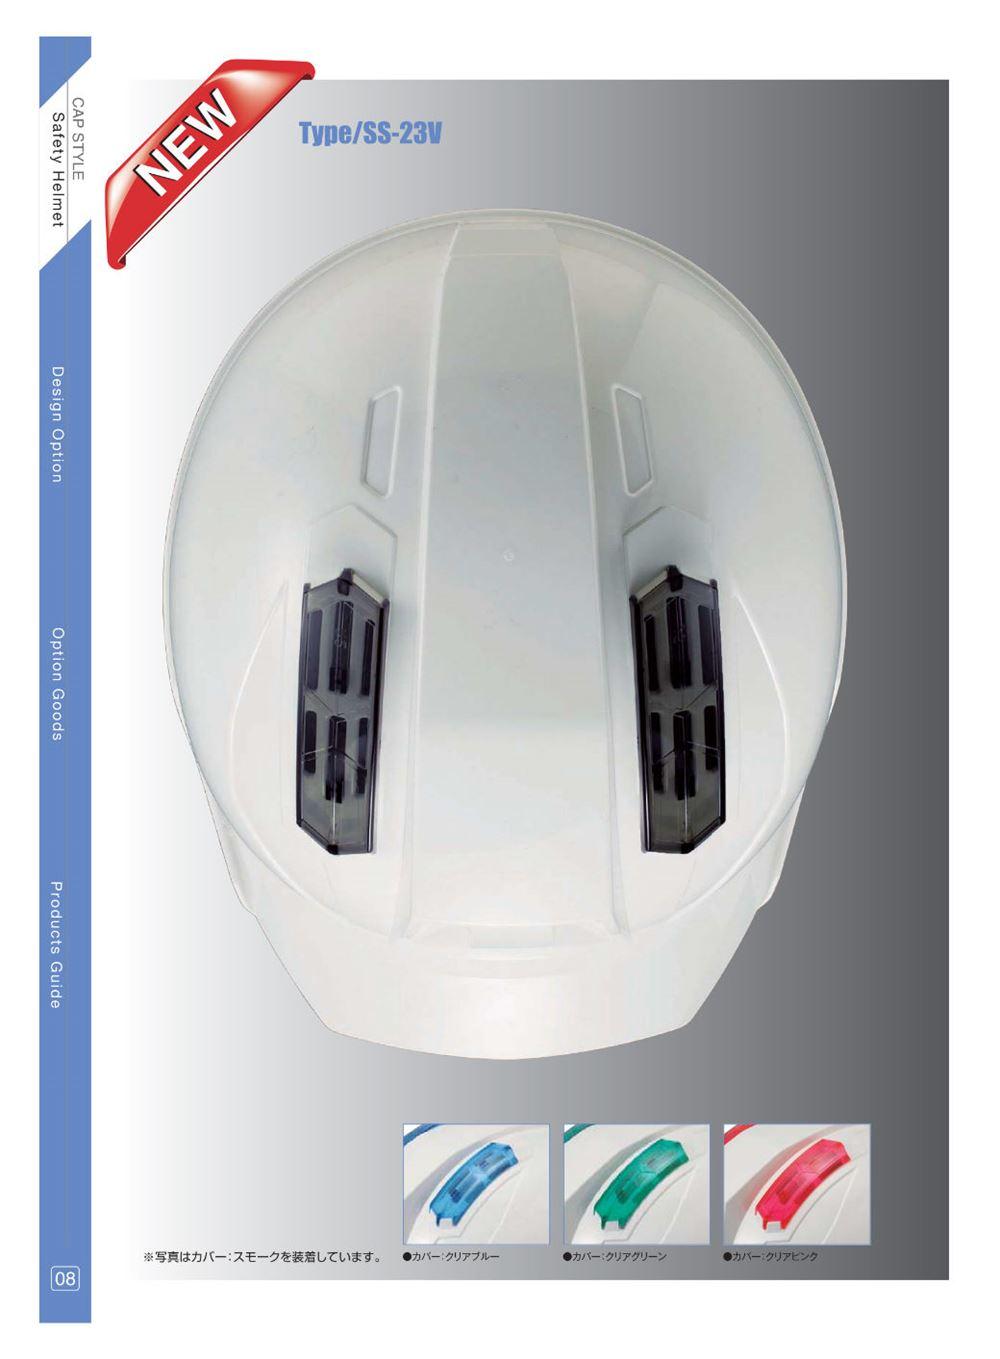 通気孔 開閉 ベンチレーション 安全 作業用 工事用 建築用 建築用 保護帽 進和化学工業 SS-23V